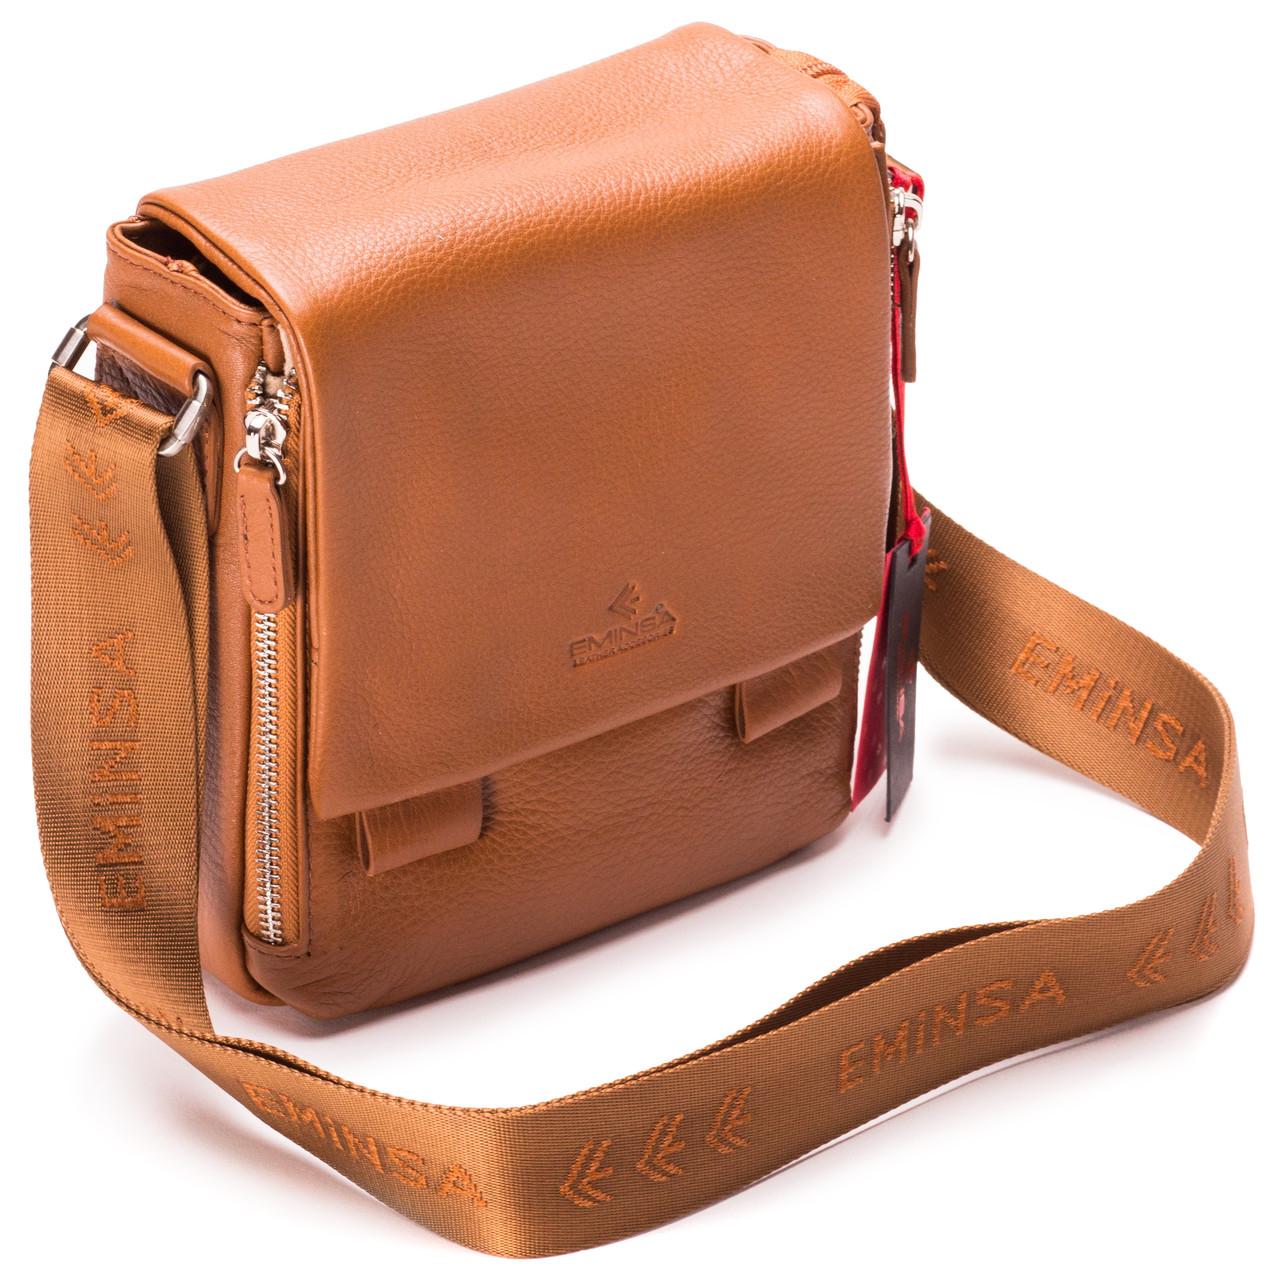 Мужская сумка кожаная коричневая Eminsa 6069-12-2